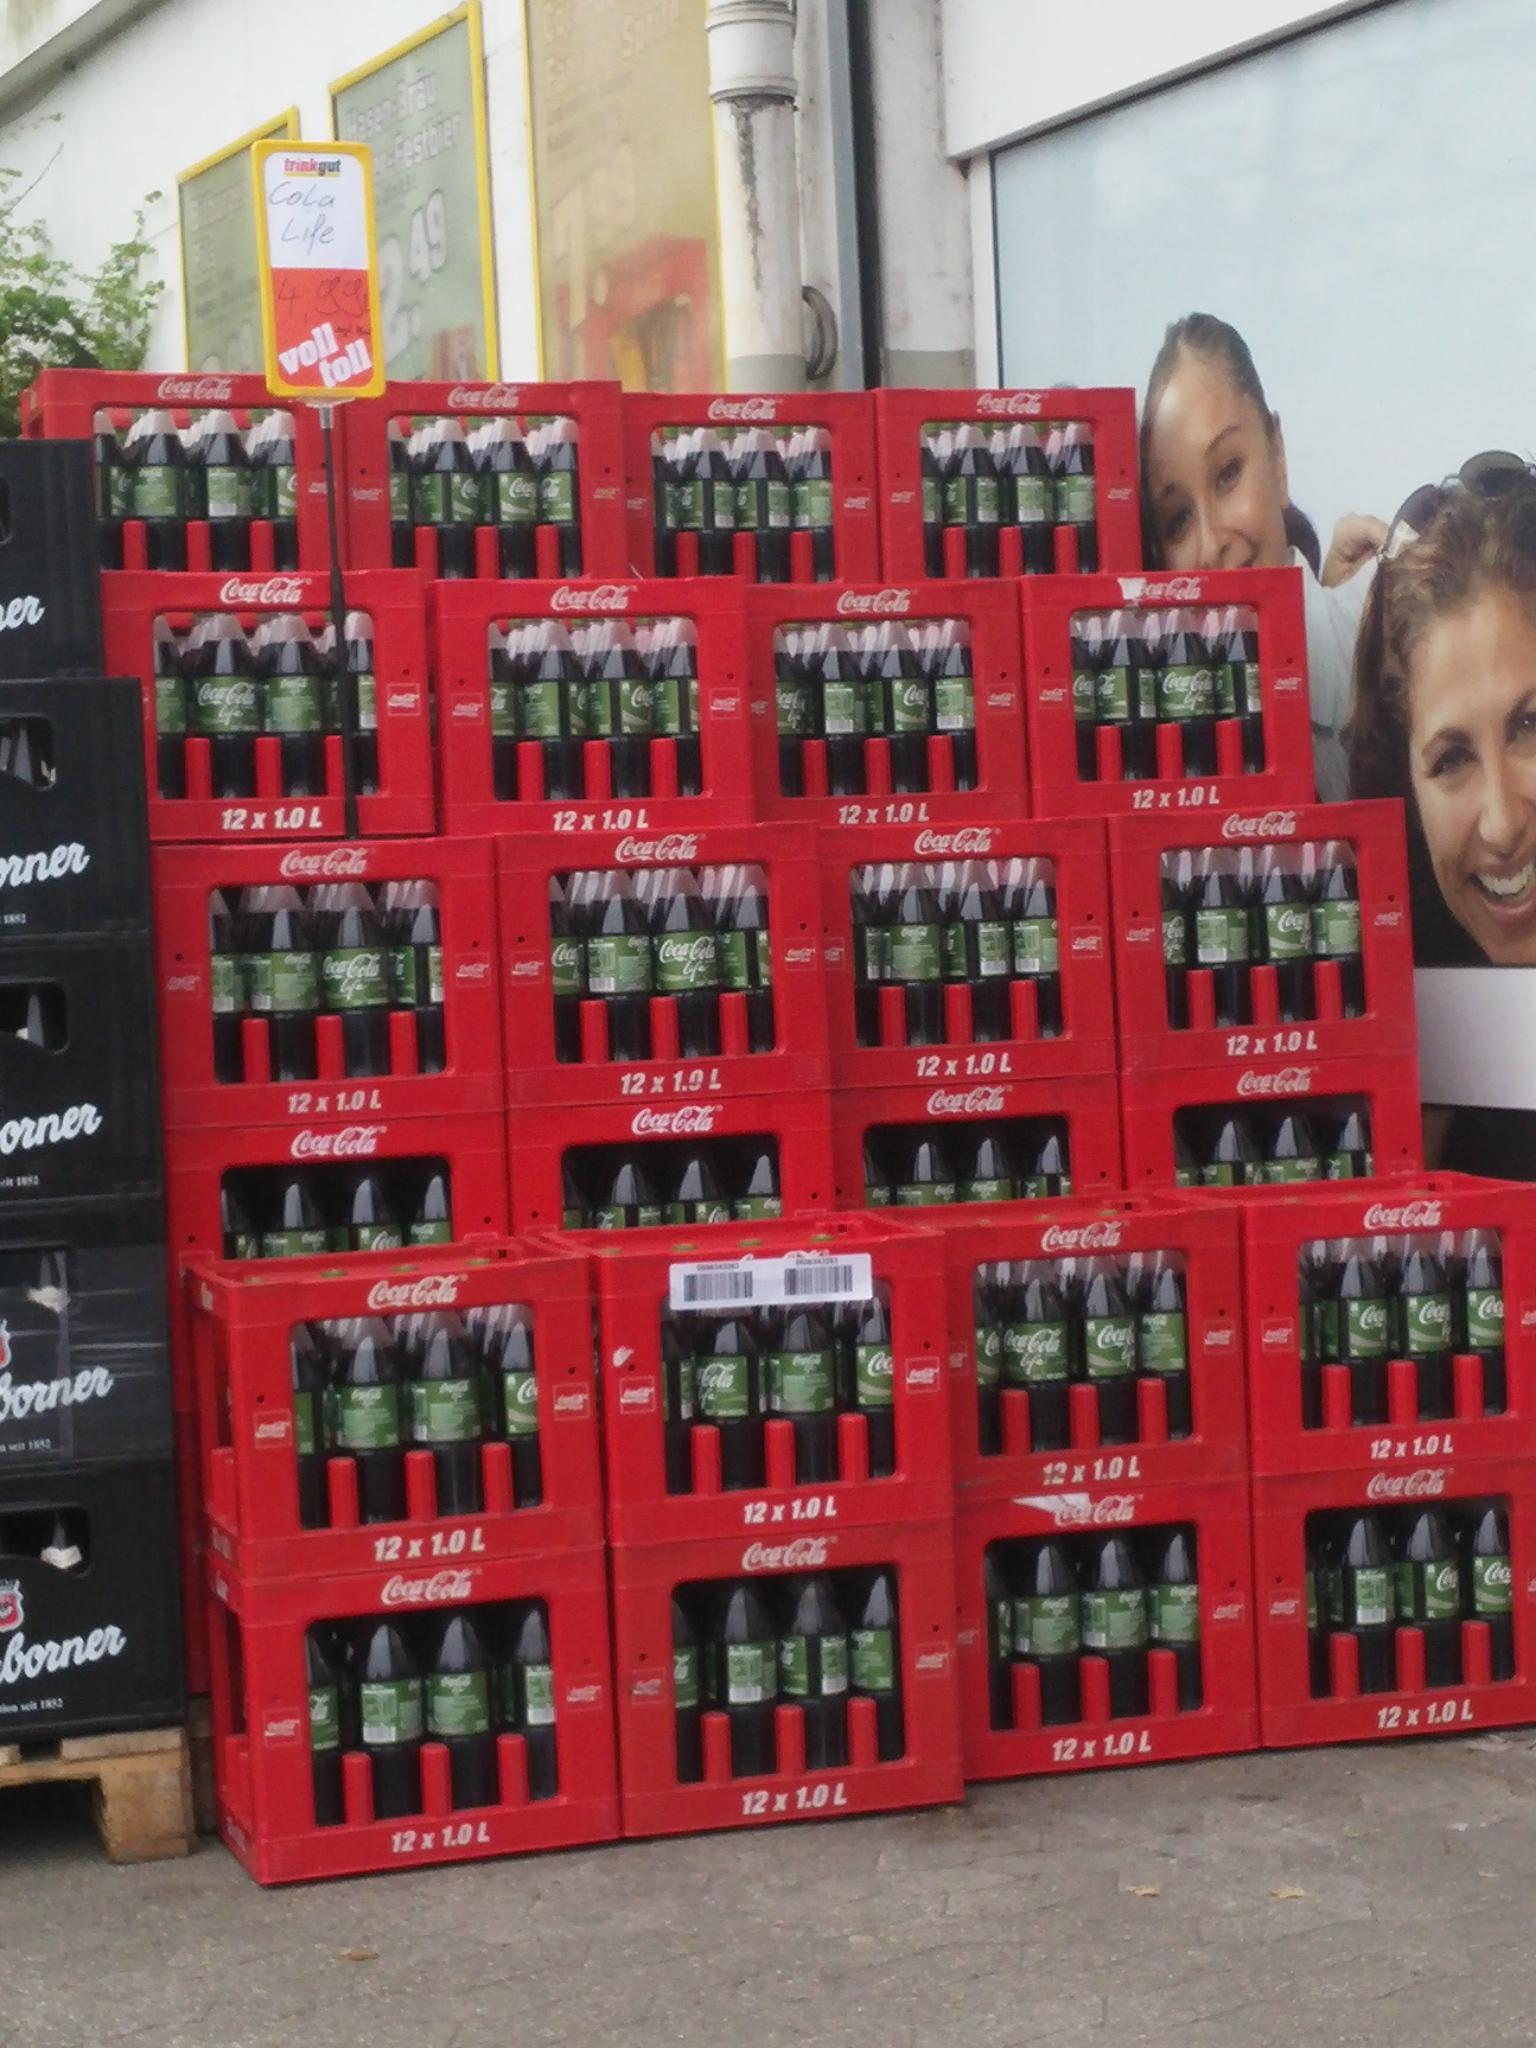 """[Lokal] Kasten (12x1l) """"Coca Cola Life"""" für 4,99 EUR (exkl. Pfand) bei """"TrinkGut"""" in 42551 Velbert"""